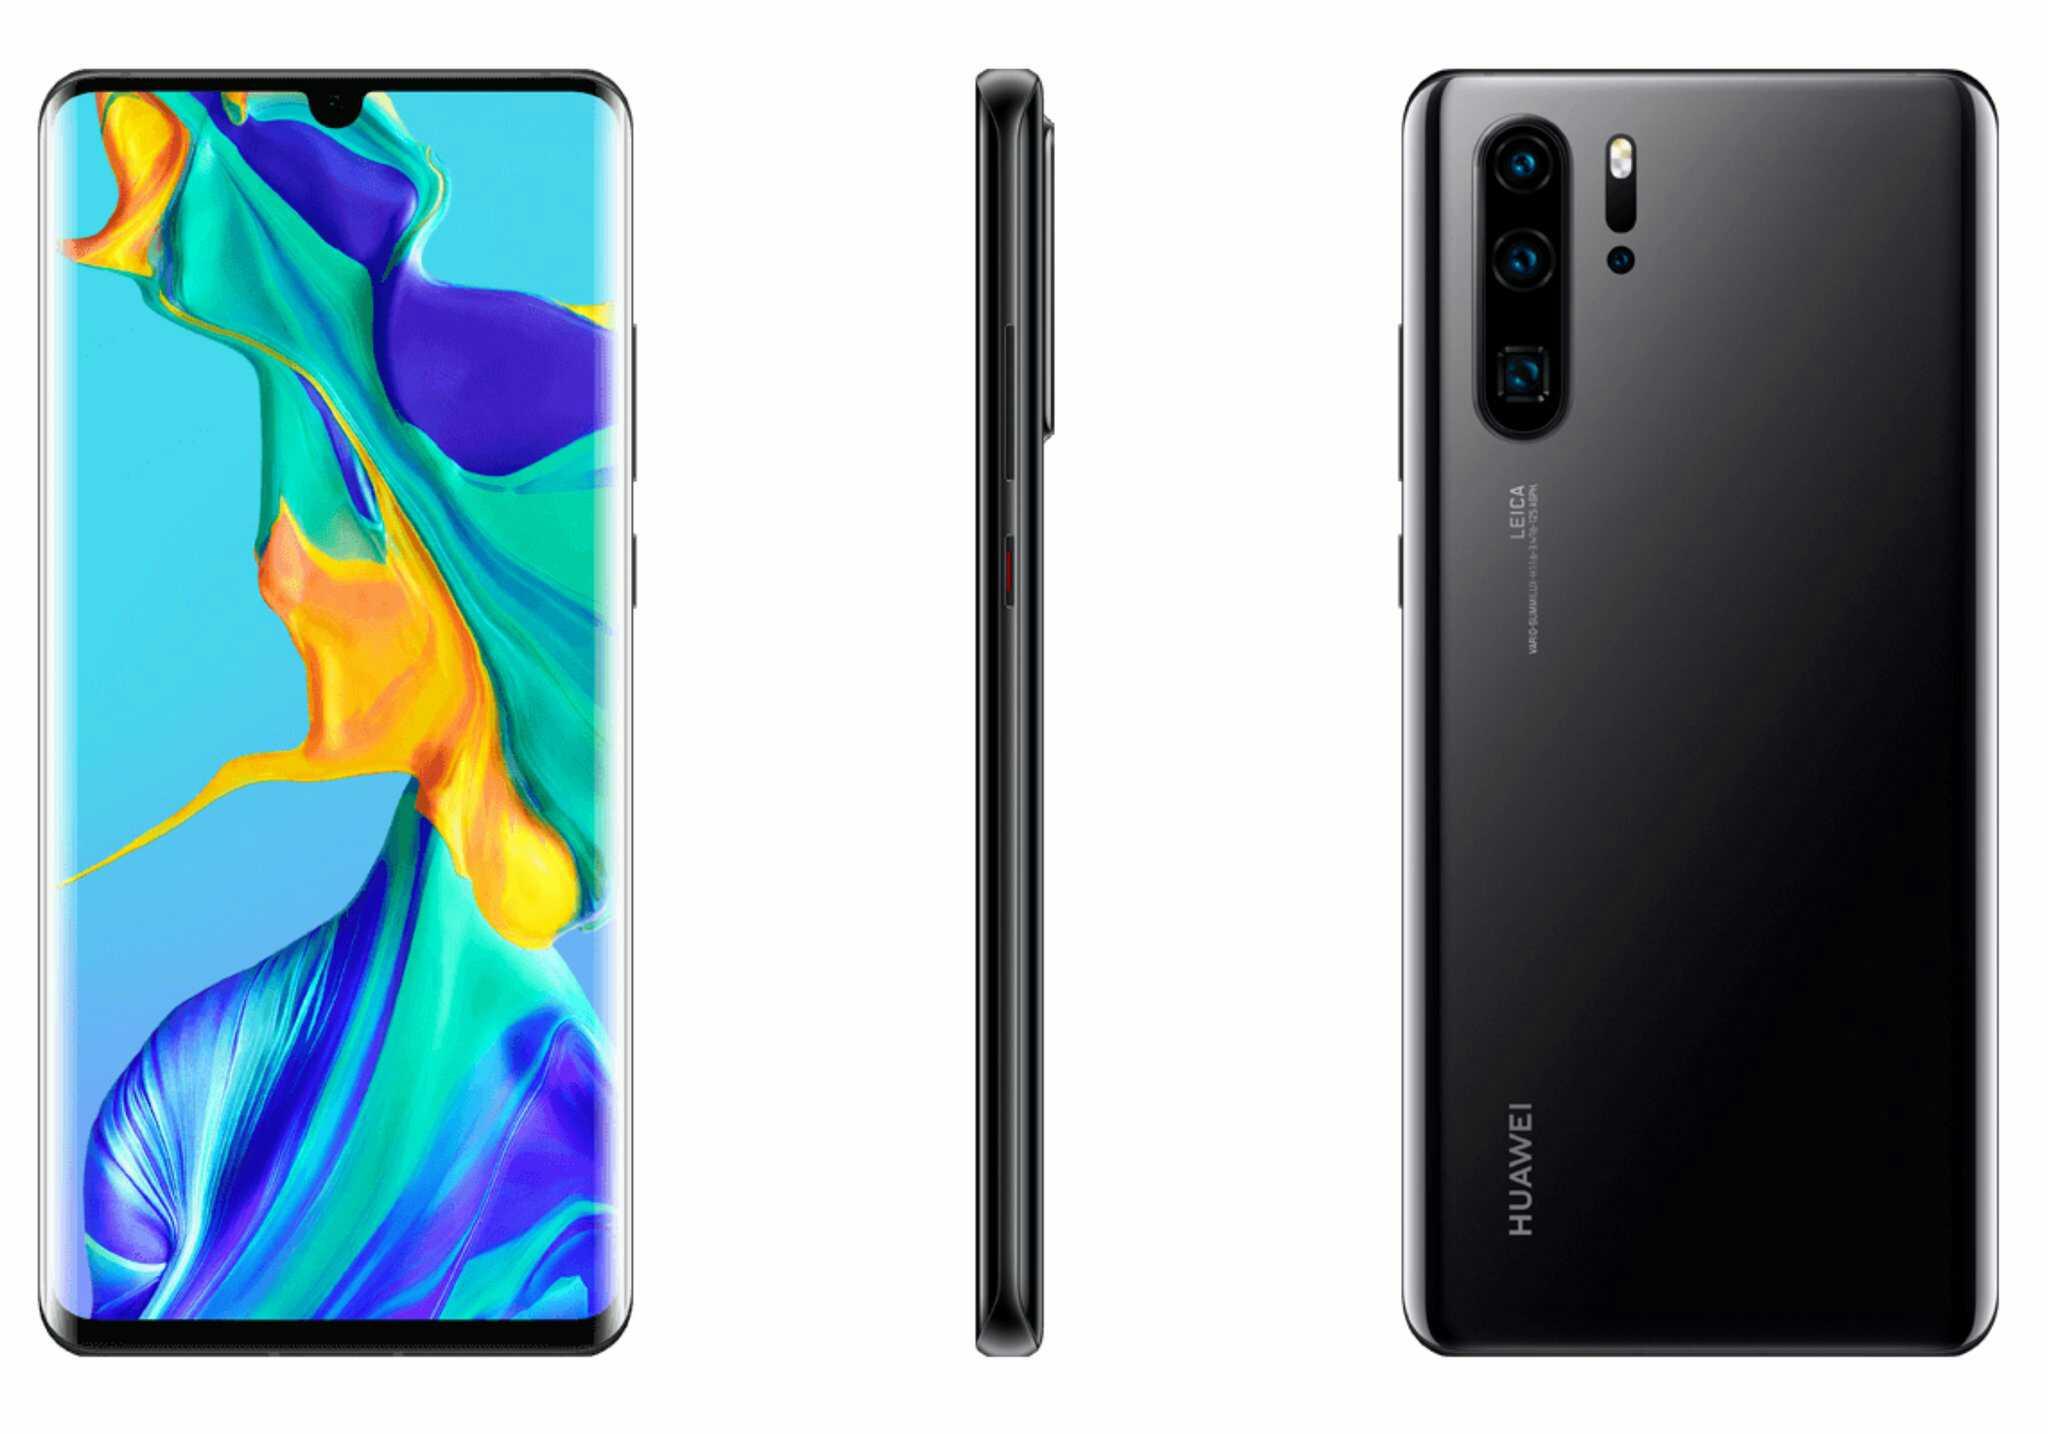 Huawei P30 Pro cena kiedy premiera dane techniczne specyfikacja techniczna gdzie kupić najtaniej w Polsce opinie specyfikacja plotki rendery przecieki wideo wycieki